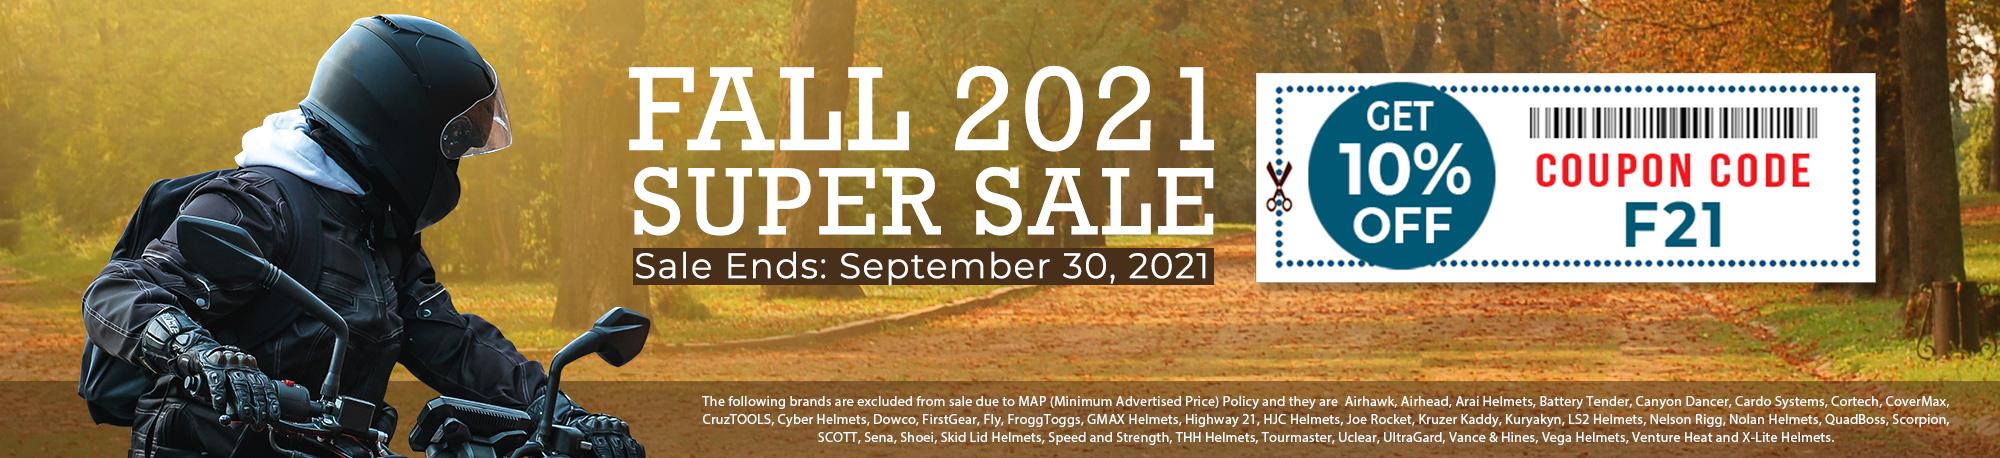 FALL 2021 Super Sale